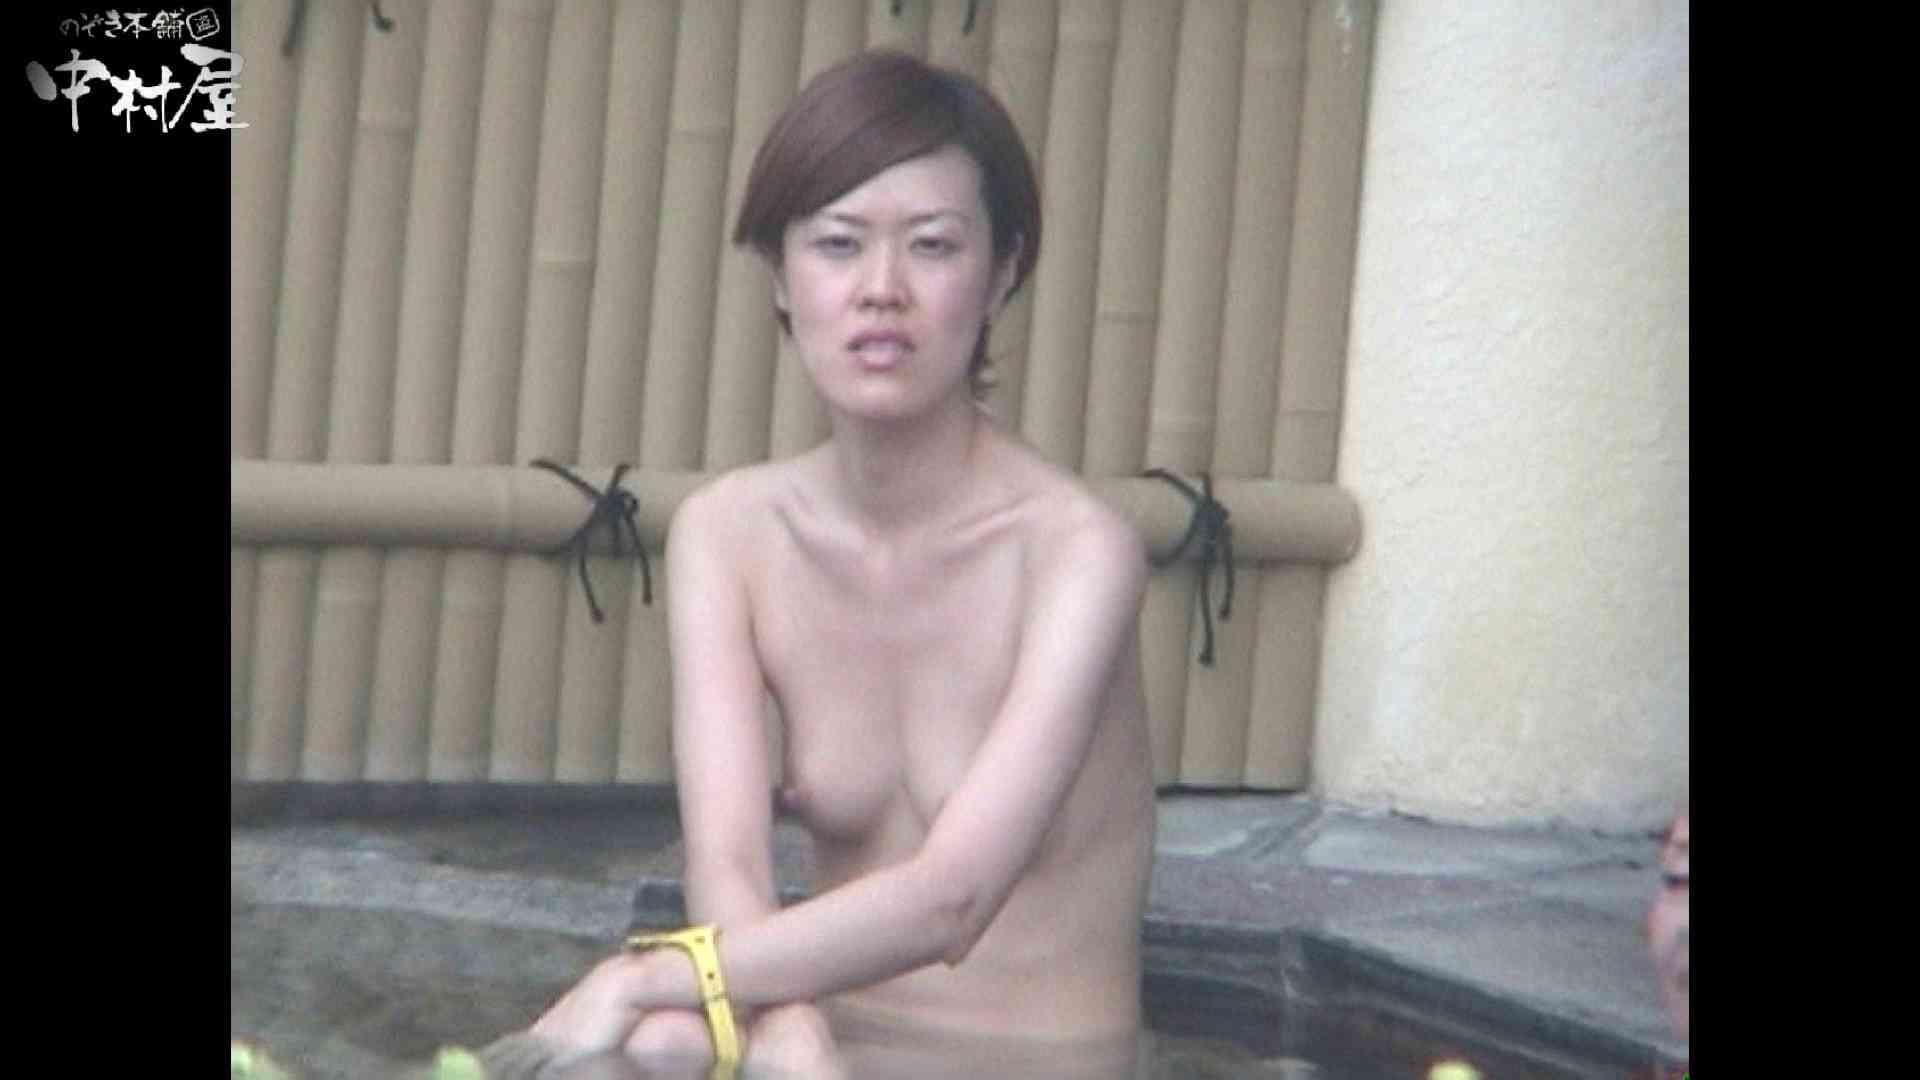 Aquaな露天風呂Vol.961 盗撮 スケベ動画紹介 104連発 65